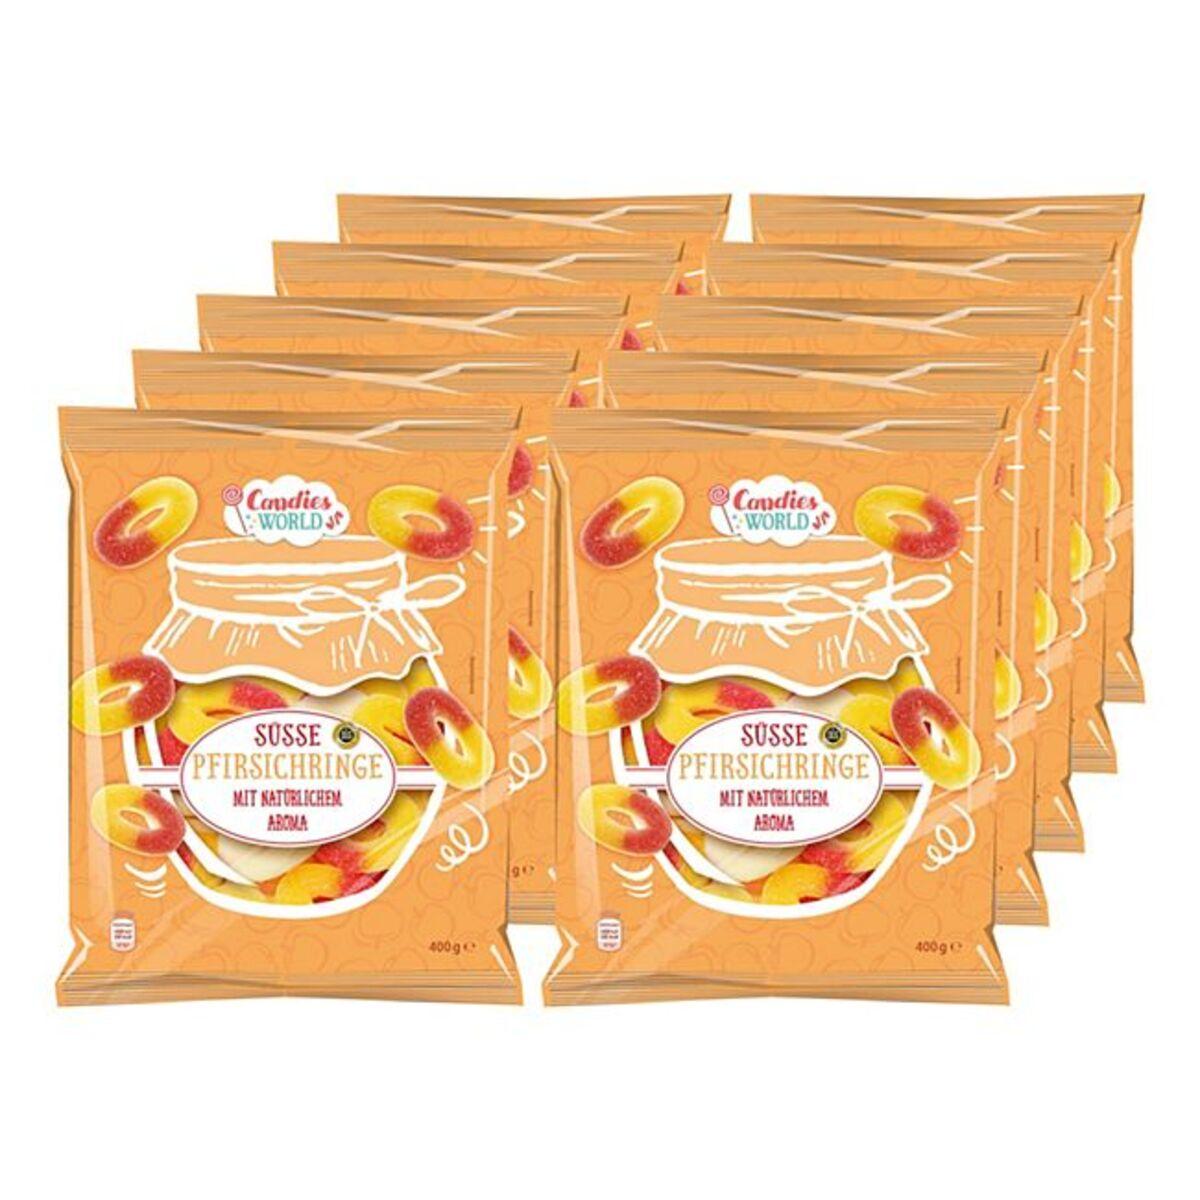 Bild 1 von Candies World süsse Pfirsichringe 400 g, 10er Pack